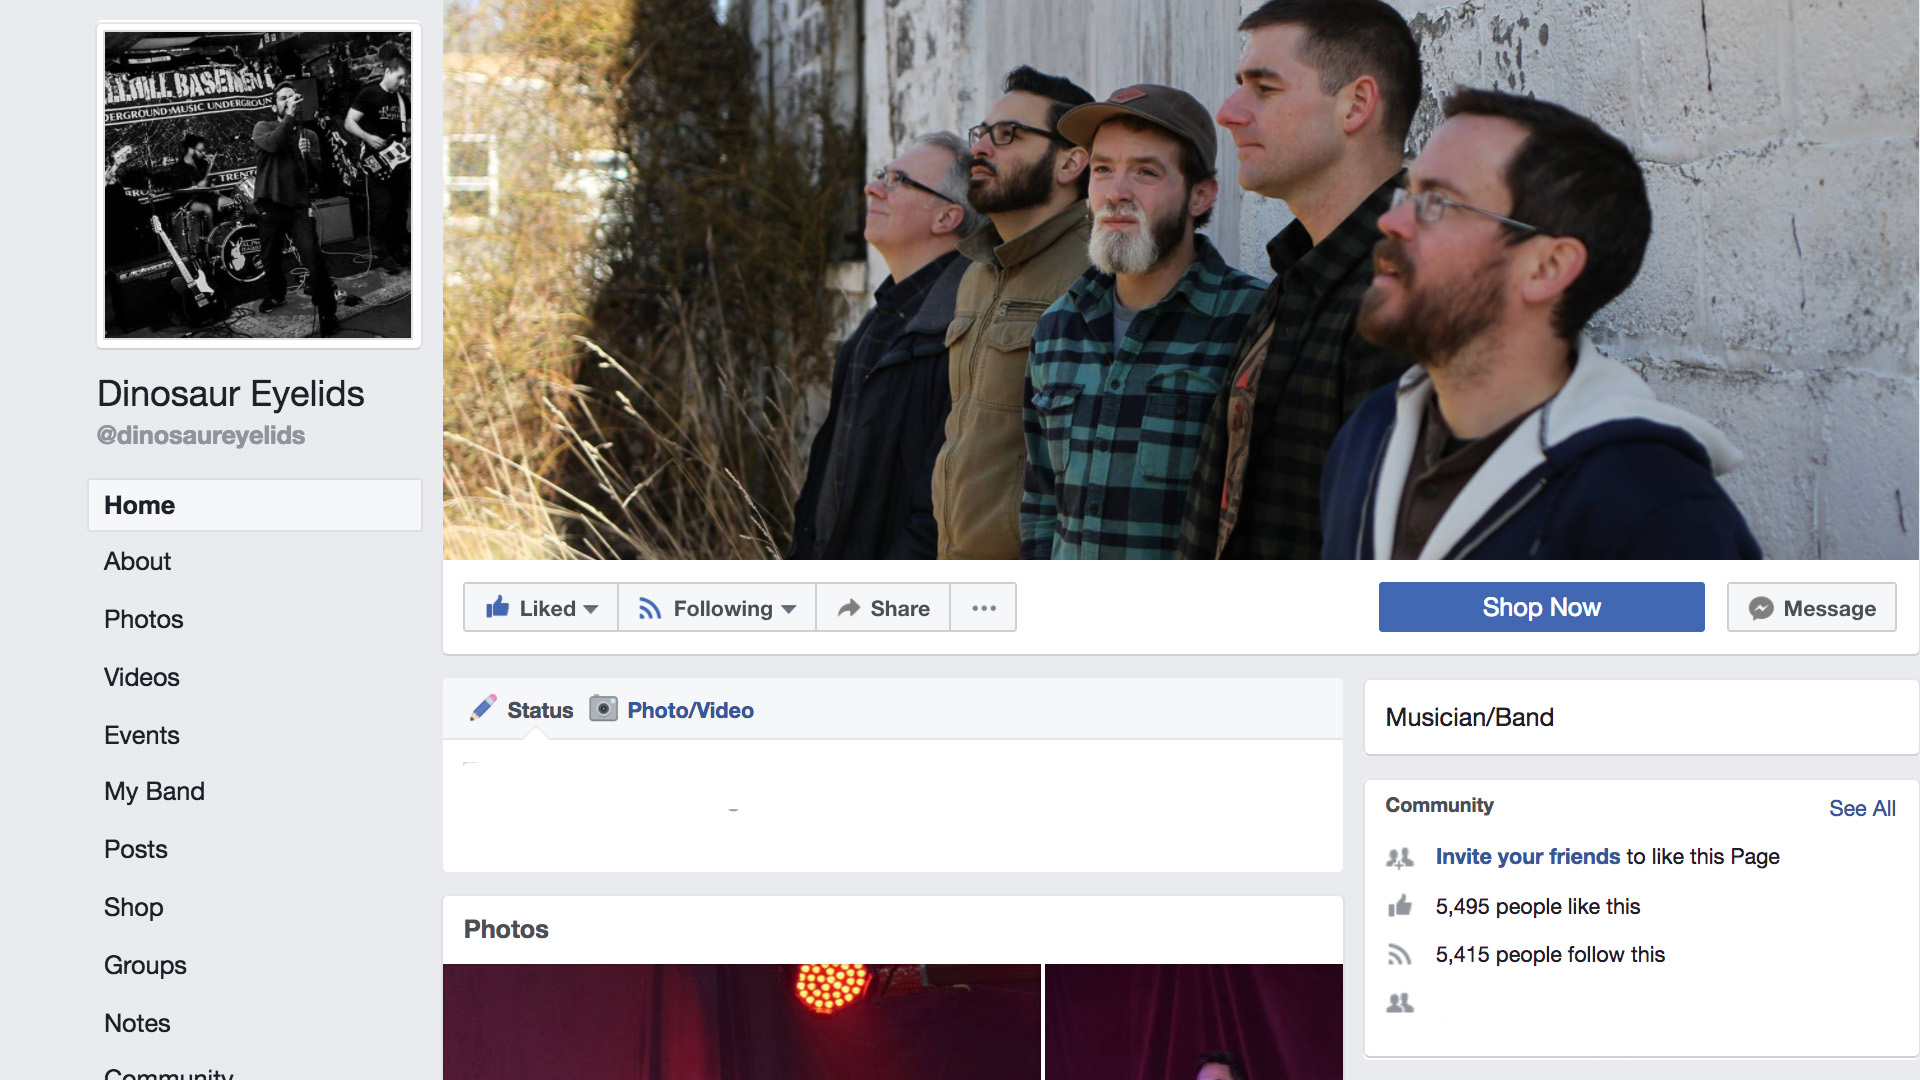 facebook.com/dinosaureyelids